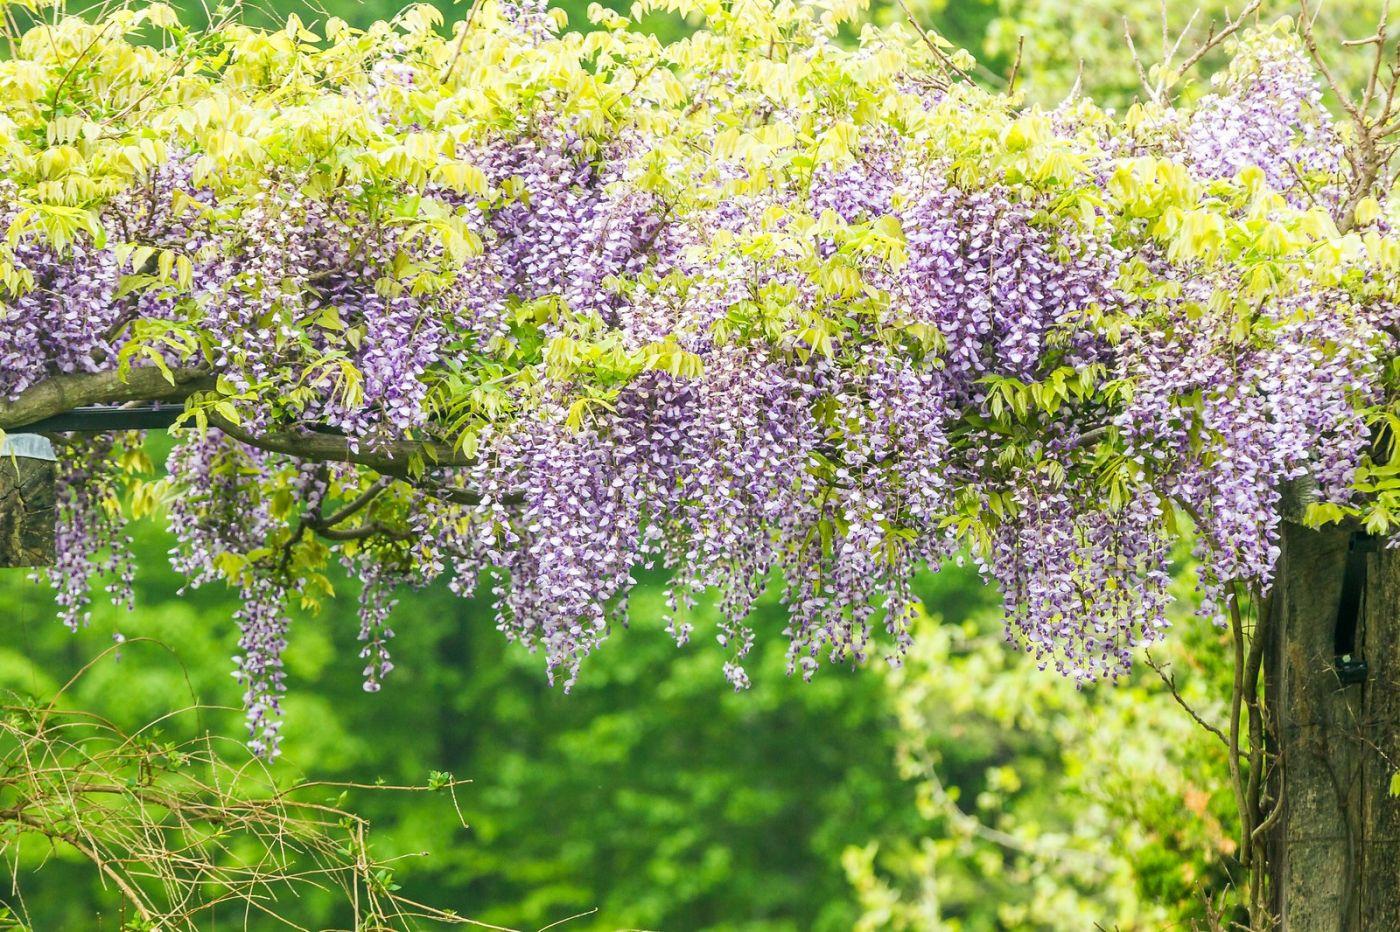 紫藤花相遇在春天_图1-19